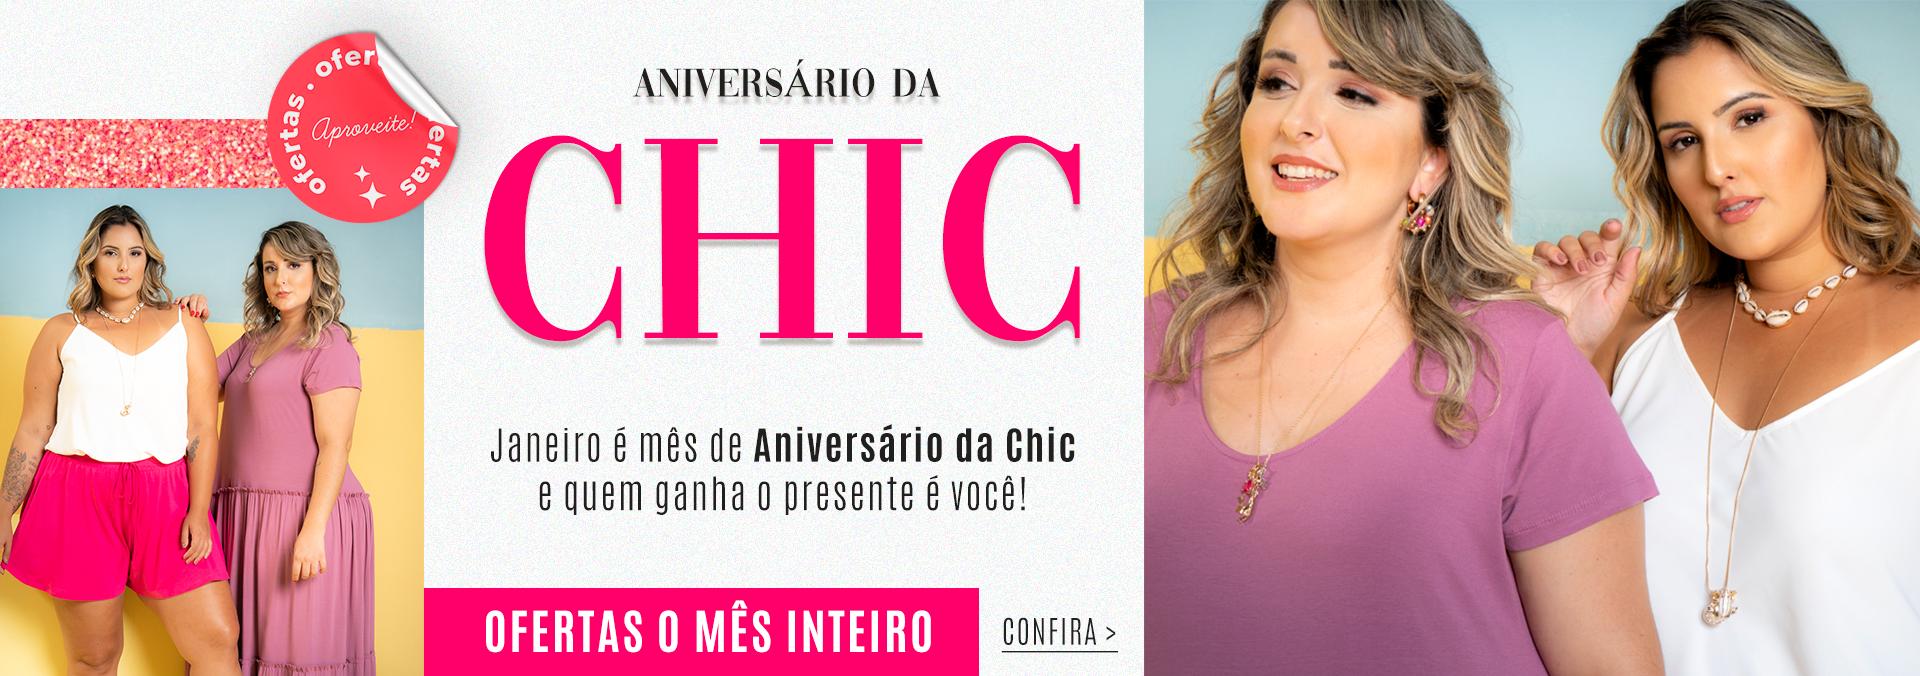 Banner Aniversário Chic